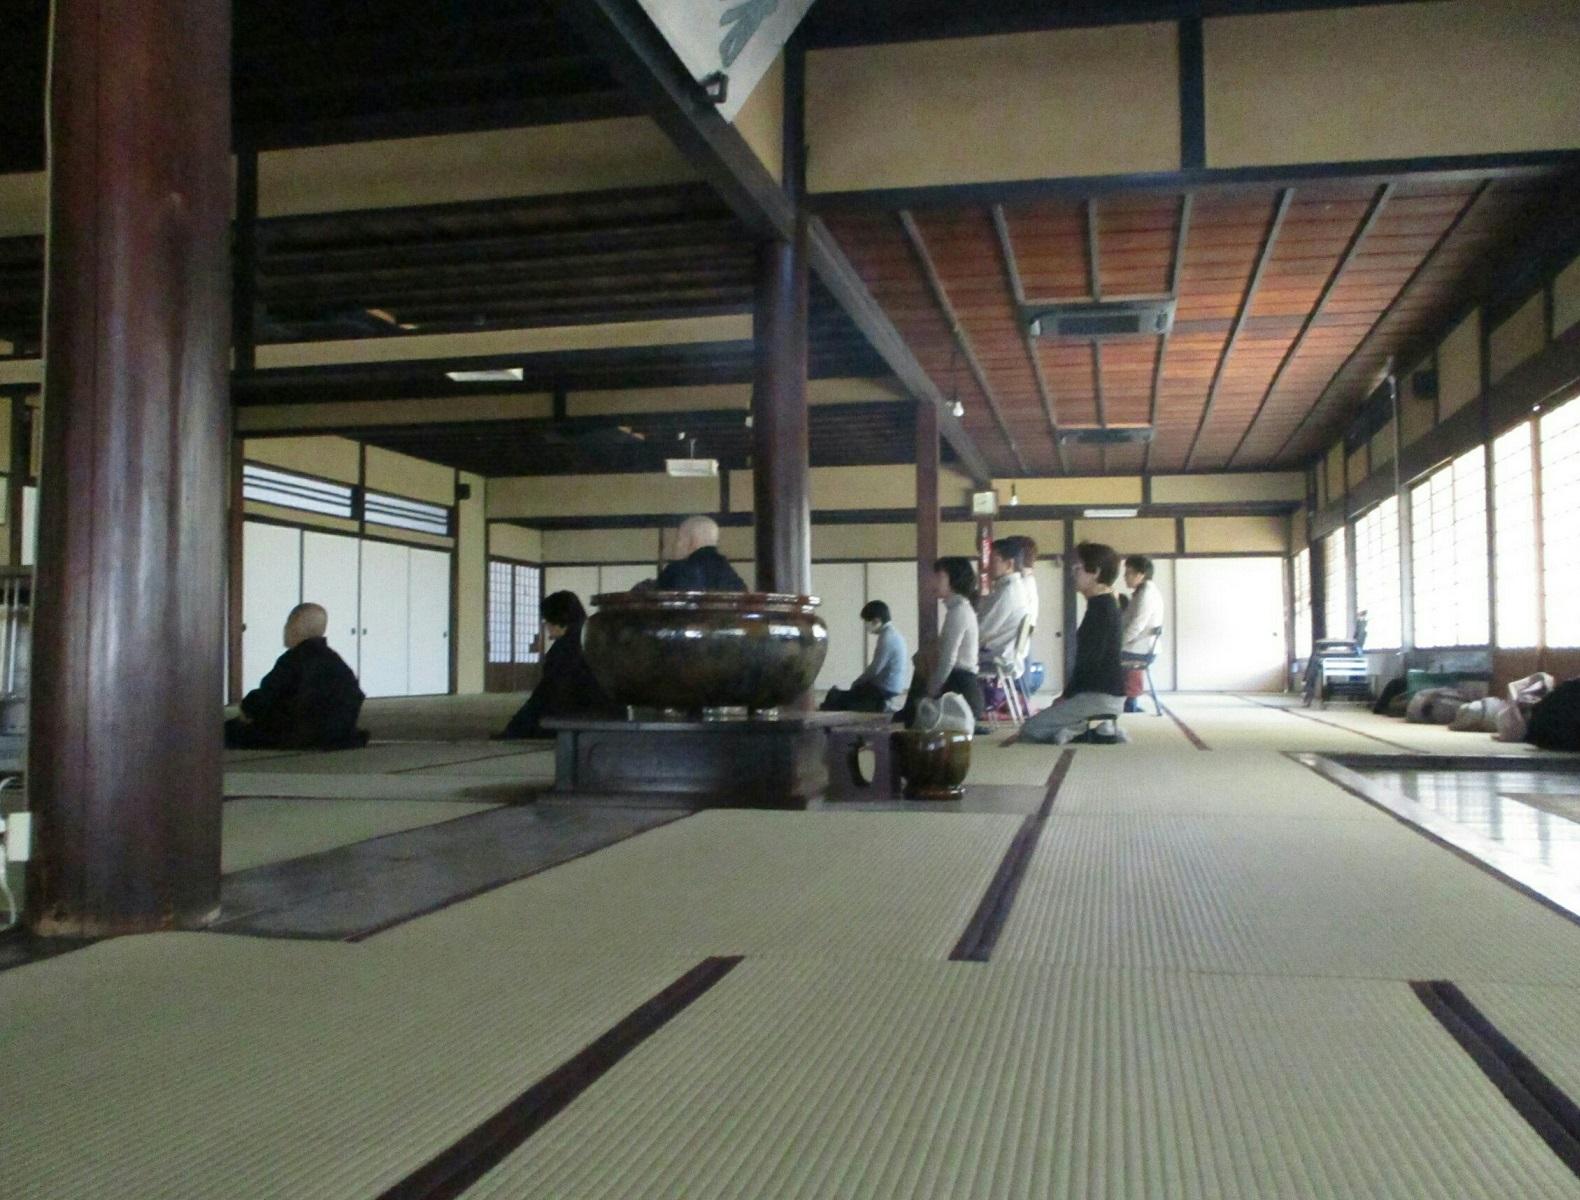 2019.2.18 (11) 青大悲寺 - おまいりのひとたち 1580-1200